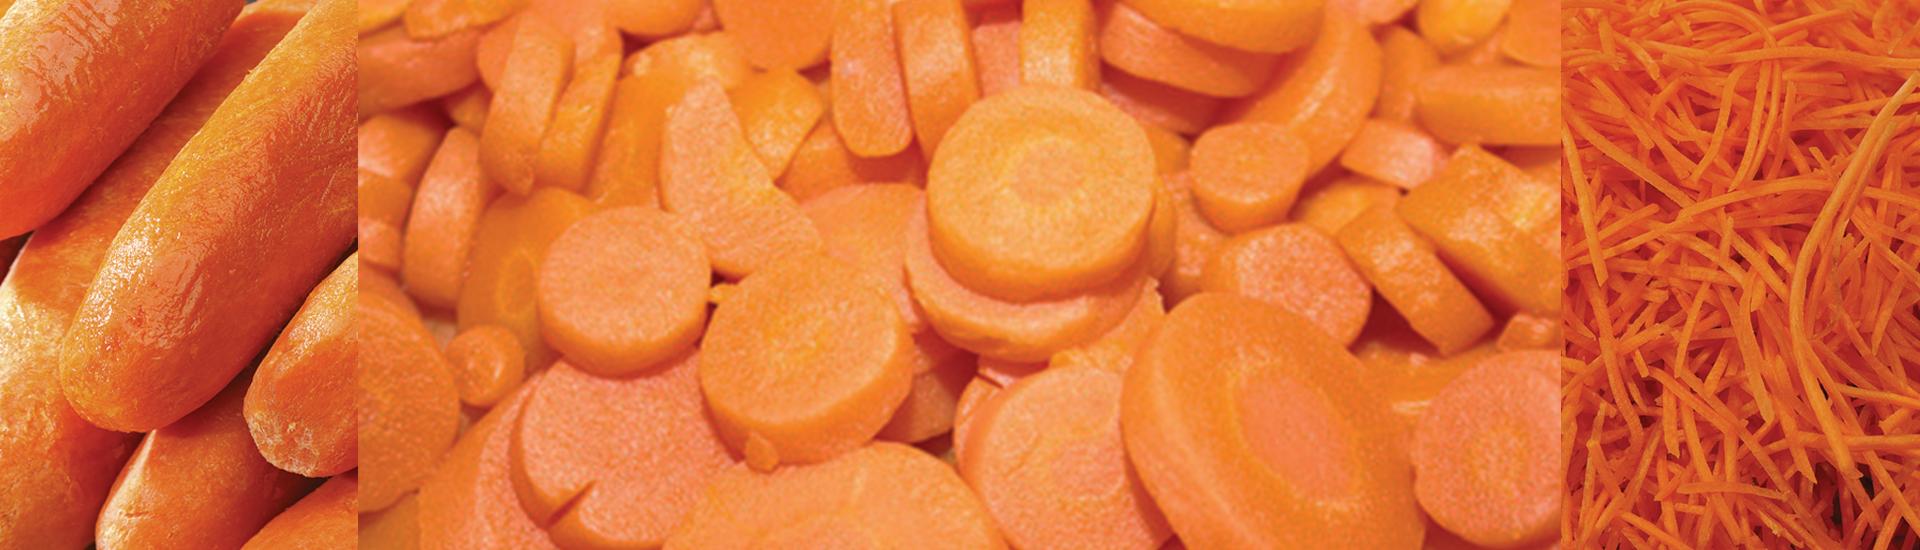 carottes éboutées, carottes pelées, carottes en rondelles, carottes rapées